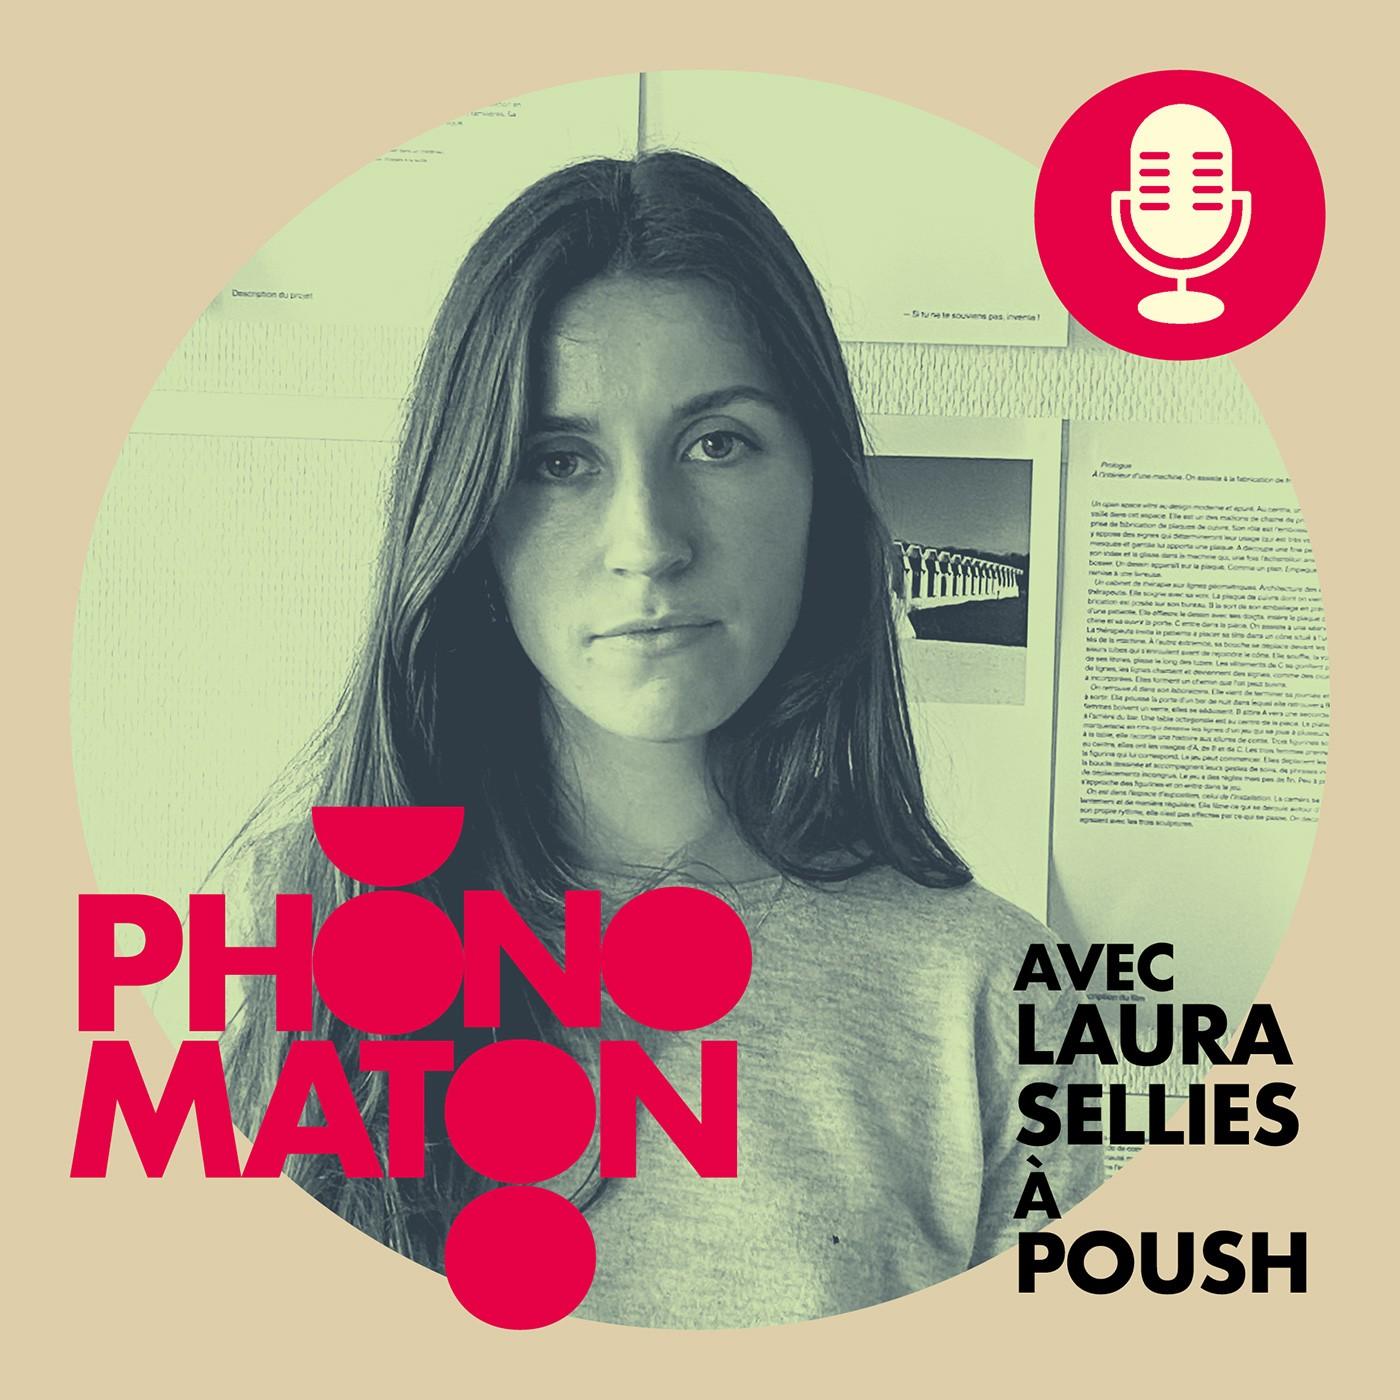 Phonomaton à Poush avec Laura Sellies